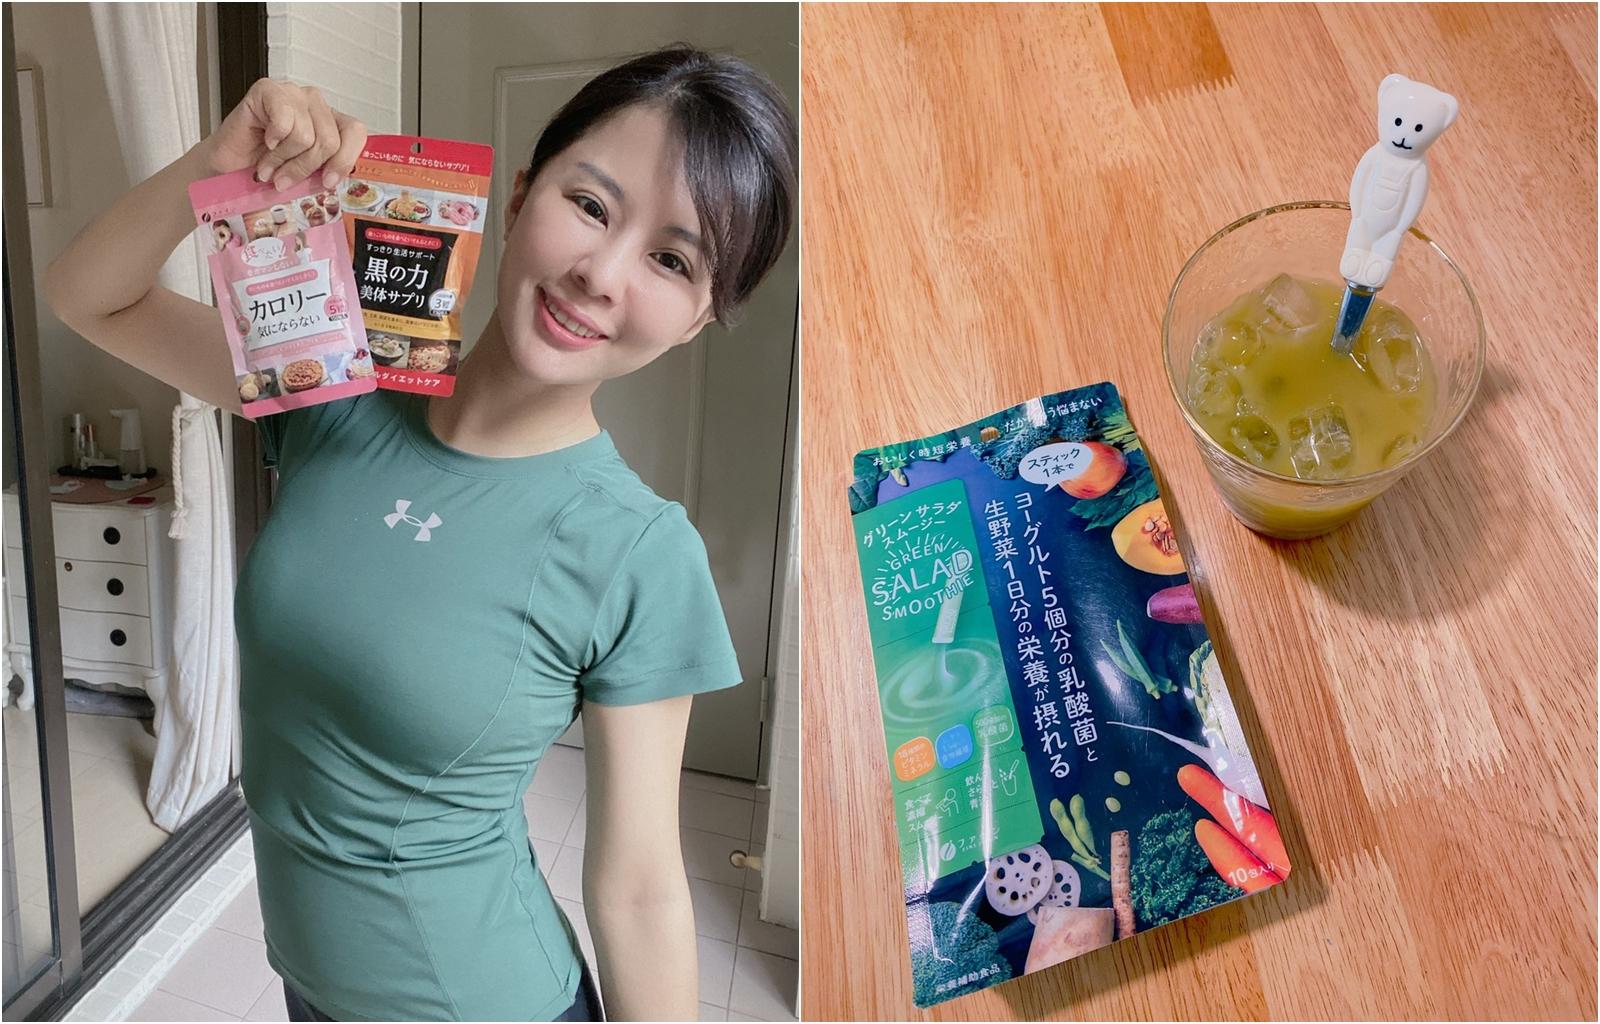 美體三寶 卡卡不在乎美體錠 轟炸機美體錠 綠拿鐵乳酸飲 享受一夏 甜食/ 油炸/高熱量掰掰